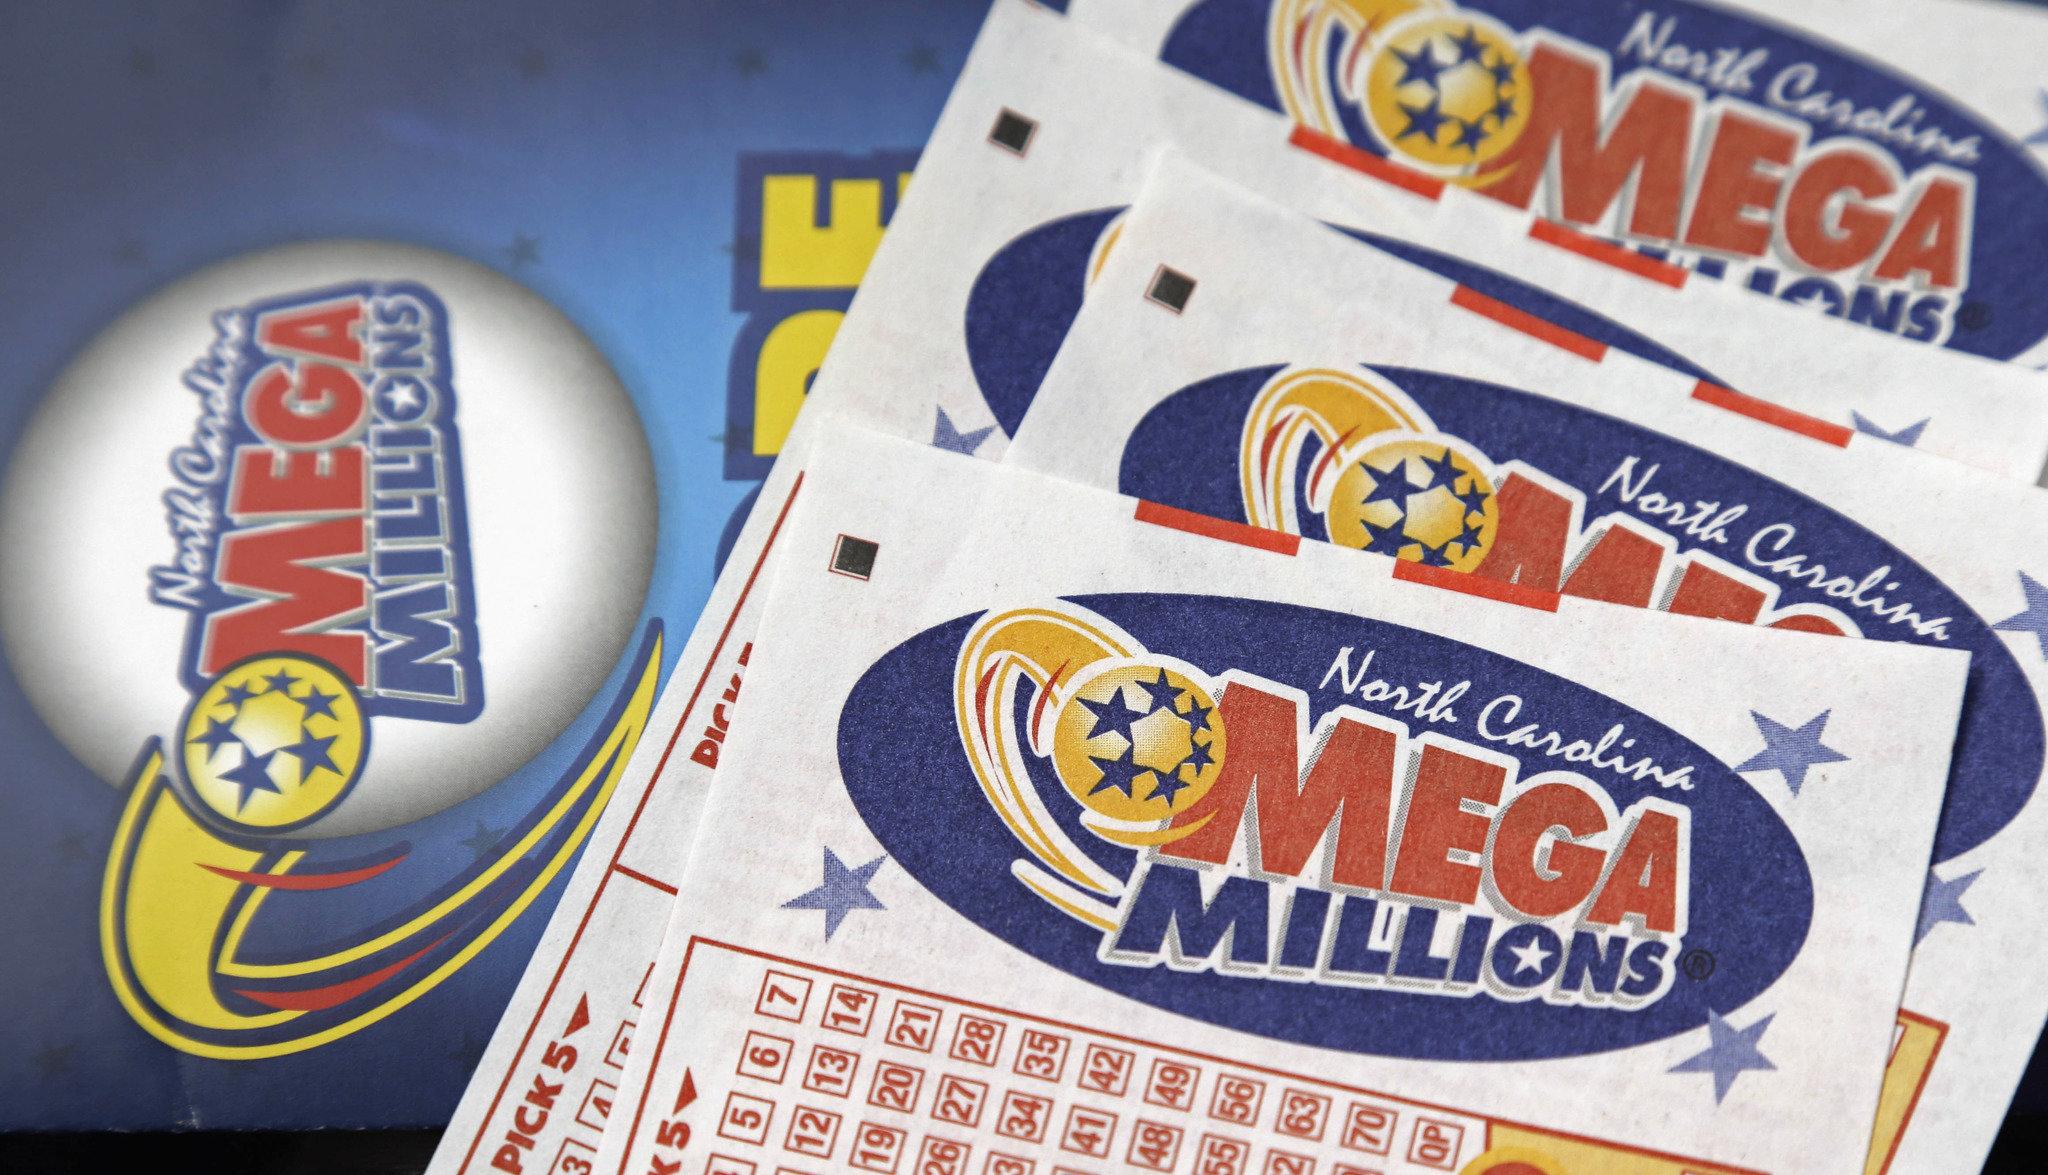 Mega Millions: Jackpot now $1 billion